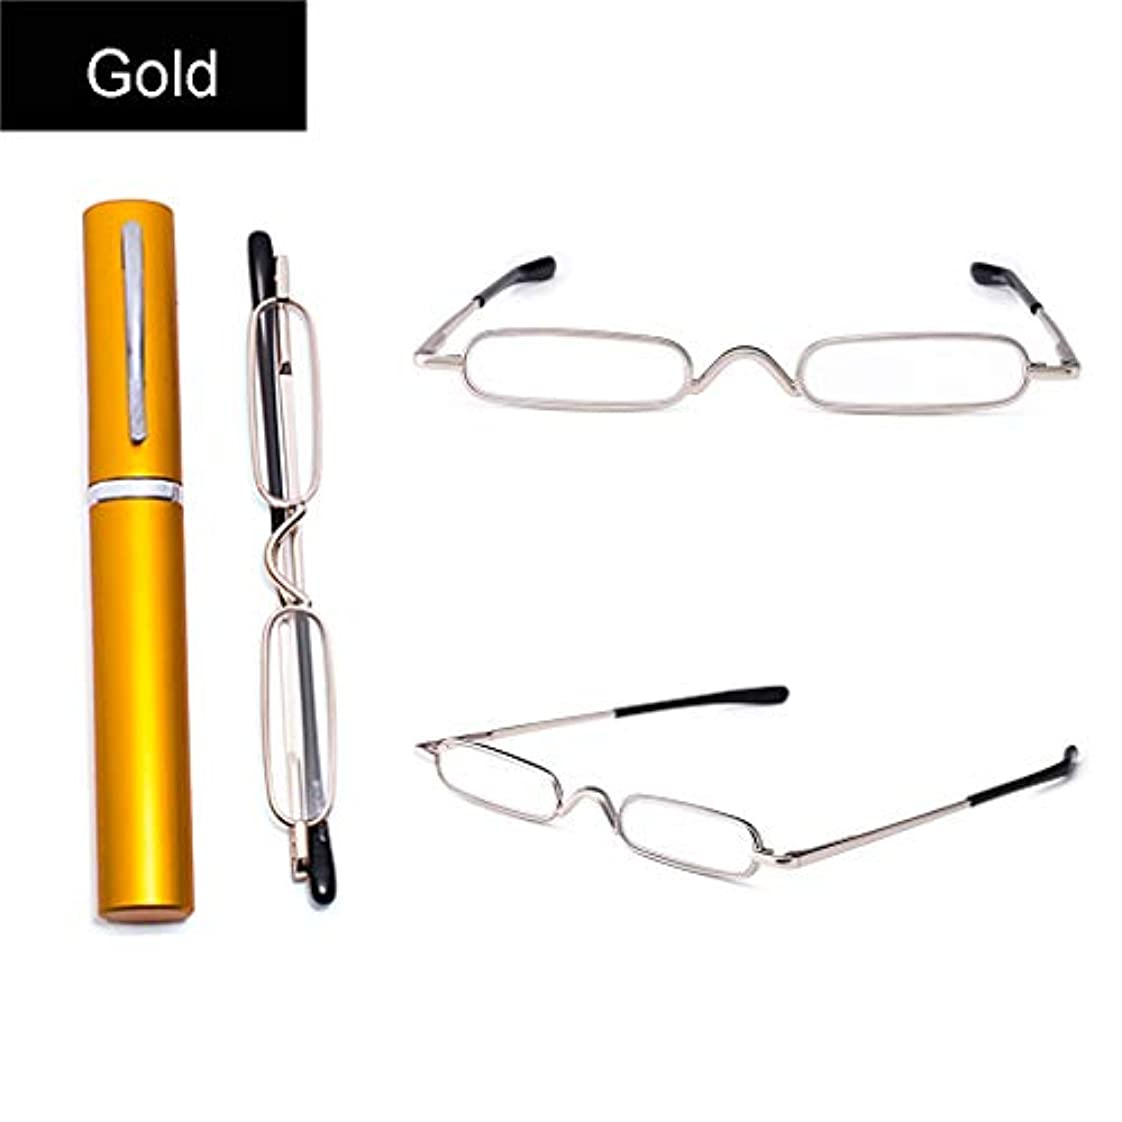 容量材料陰気ミニスリムメタル老眼鏡 マウサーステンレスフレーム男性と女性のための読書+ 1.0、+ 1.5、+ 2.0、+ 2.5、+ 3.0  ゴールド、グレー、パープル、レッド